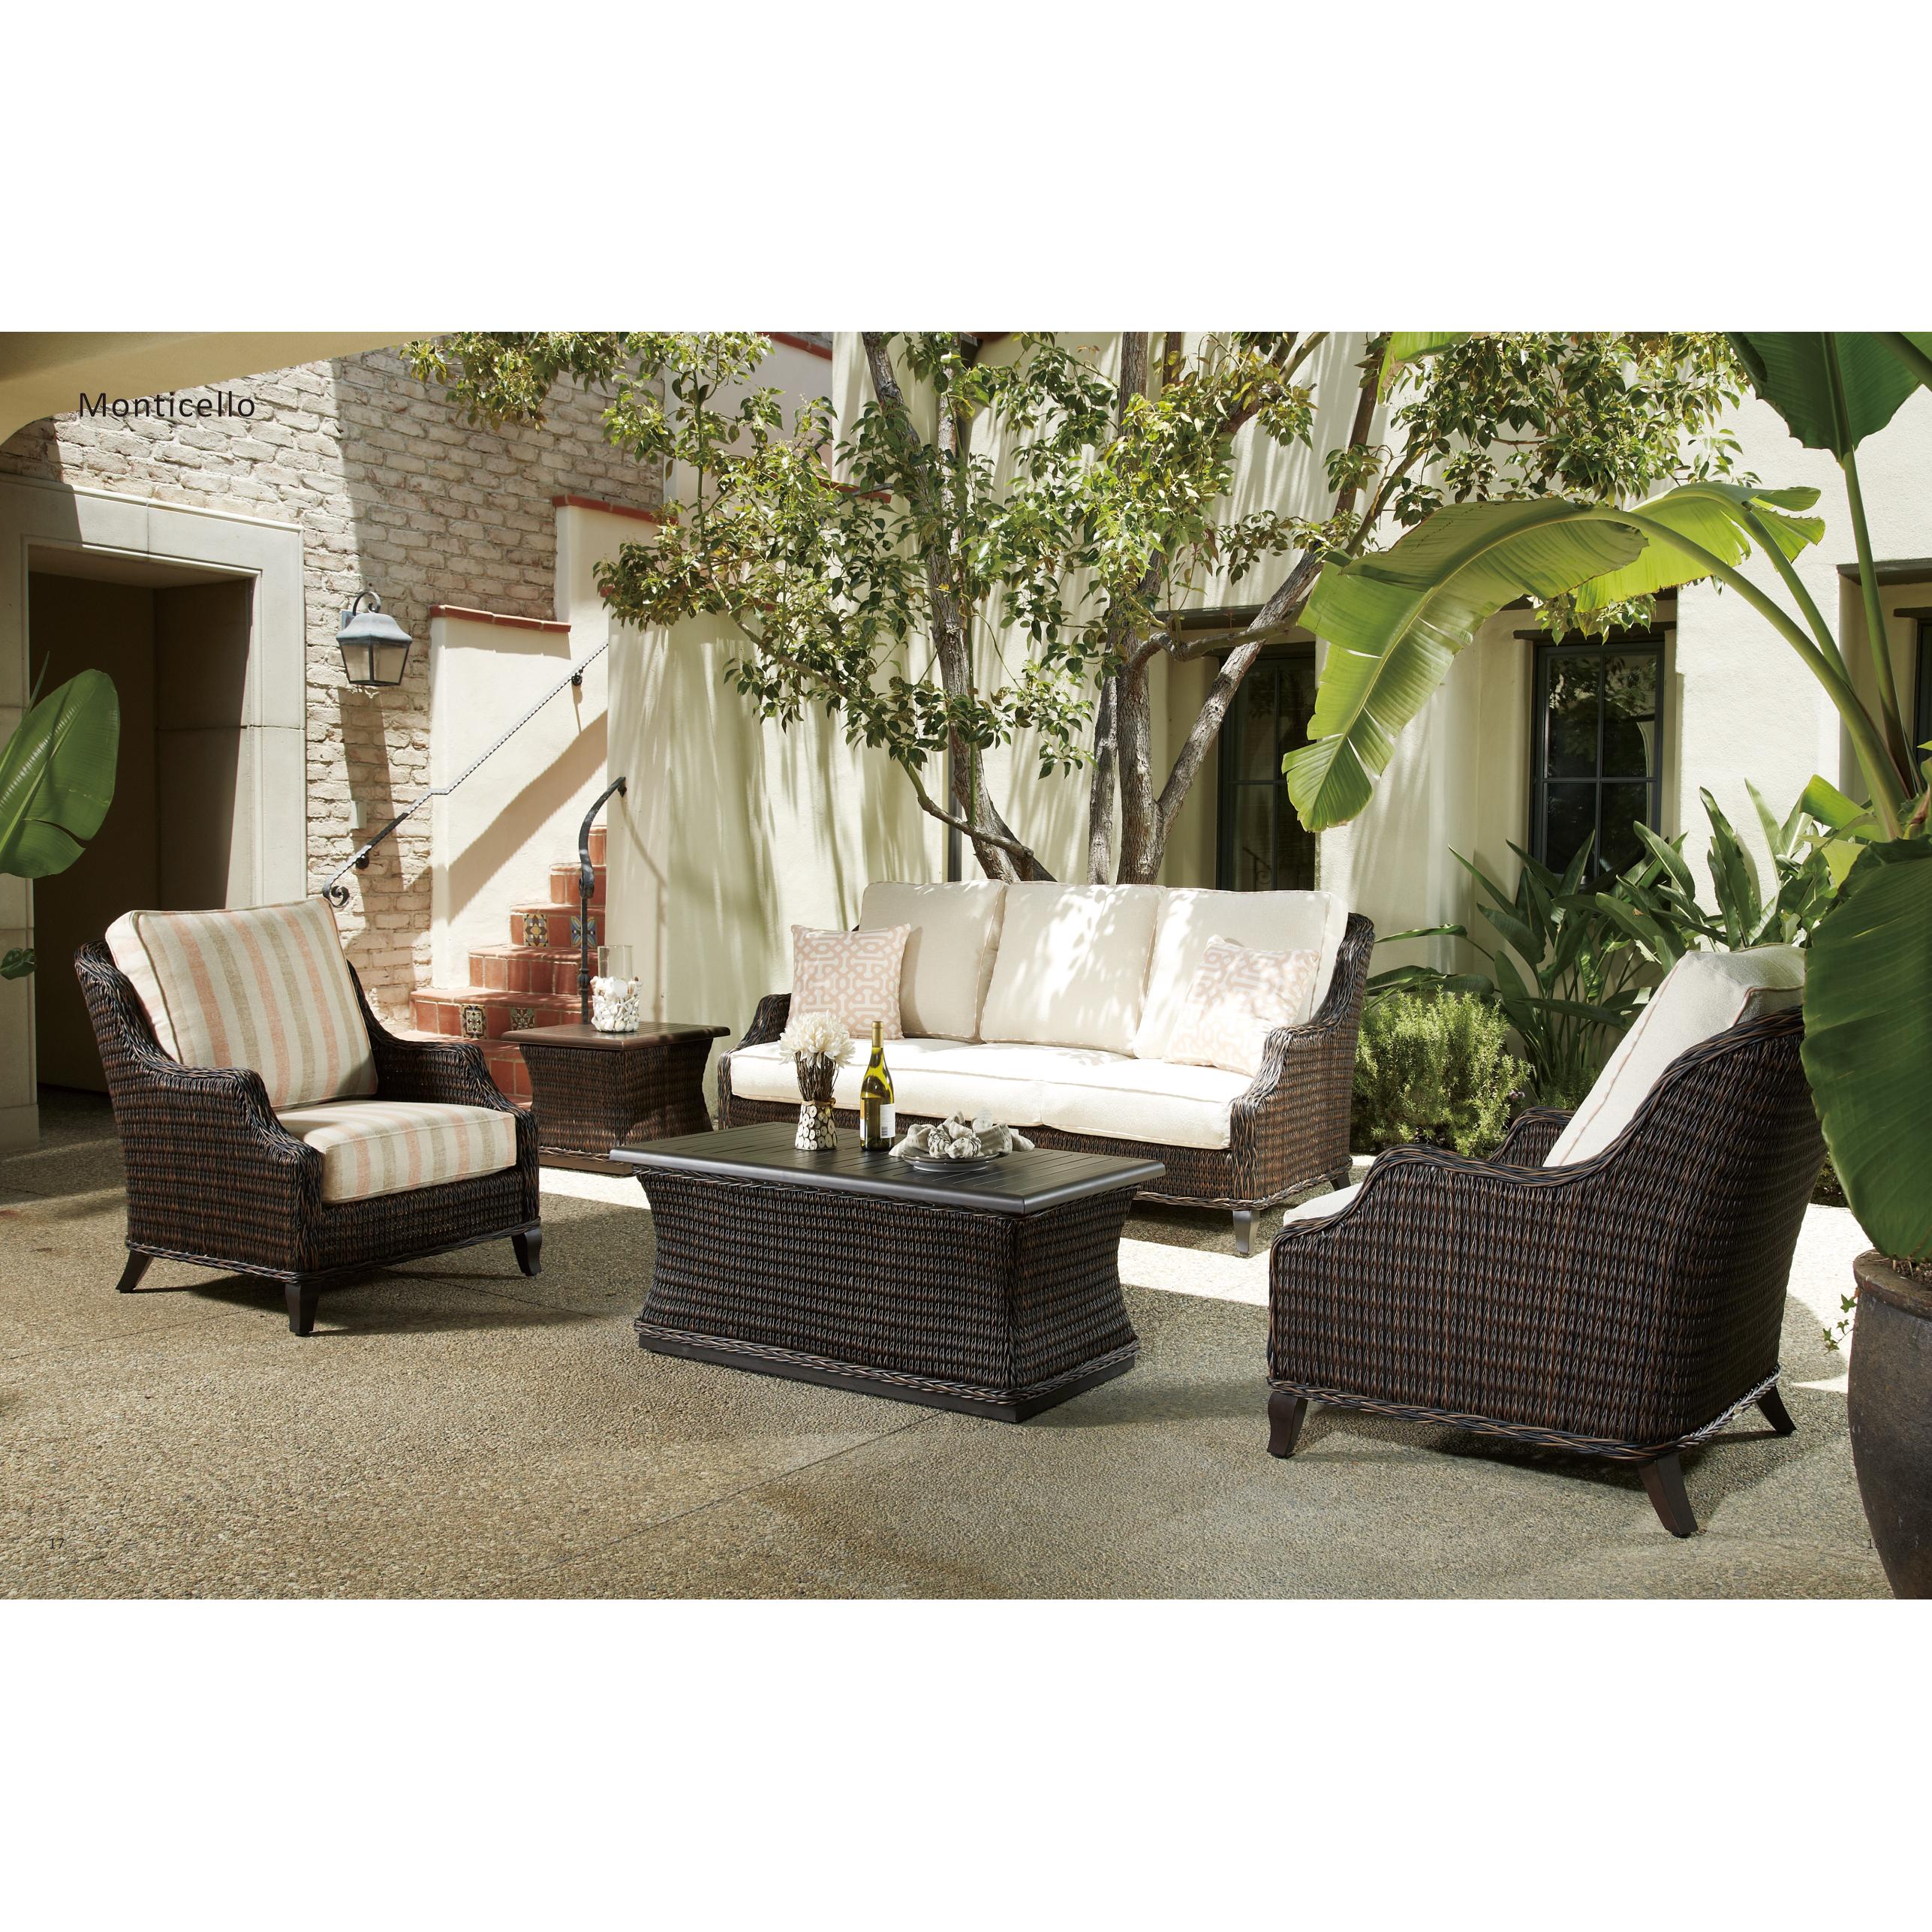 Patio Furniture Plus in tario CA